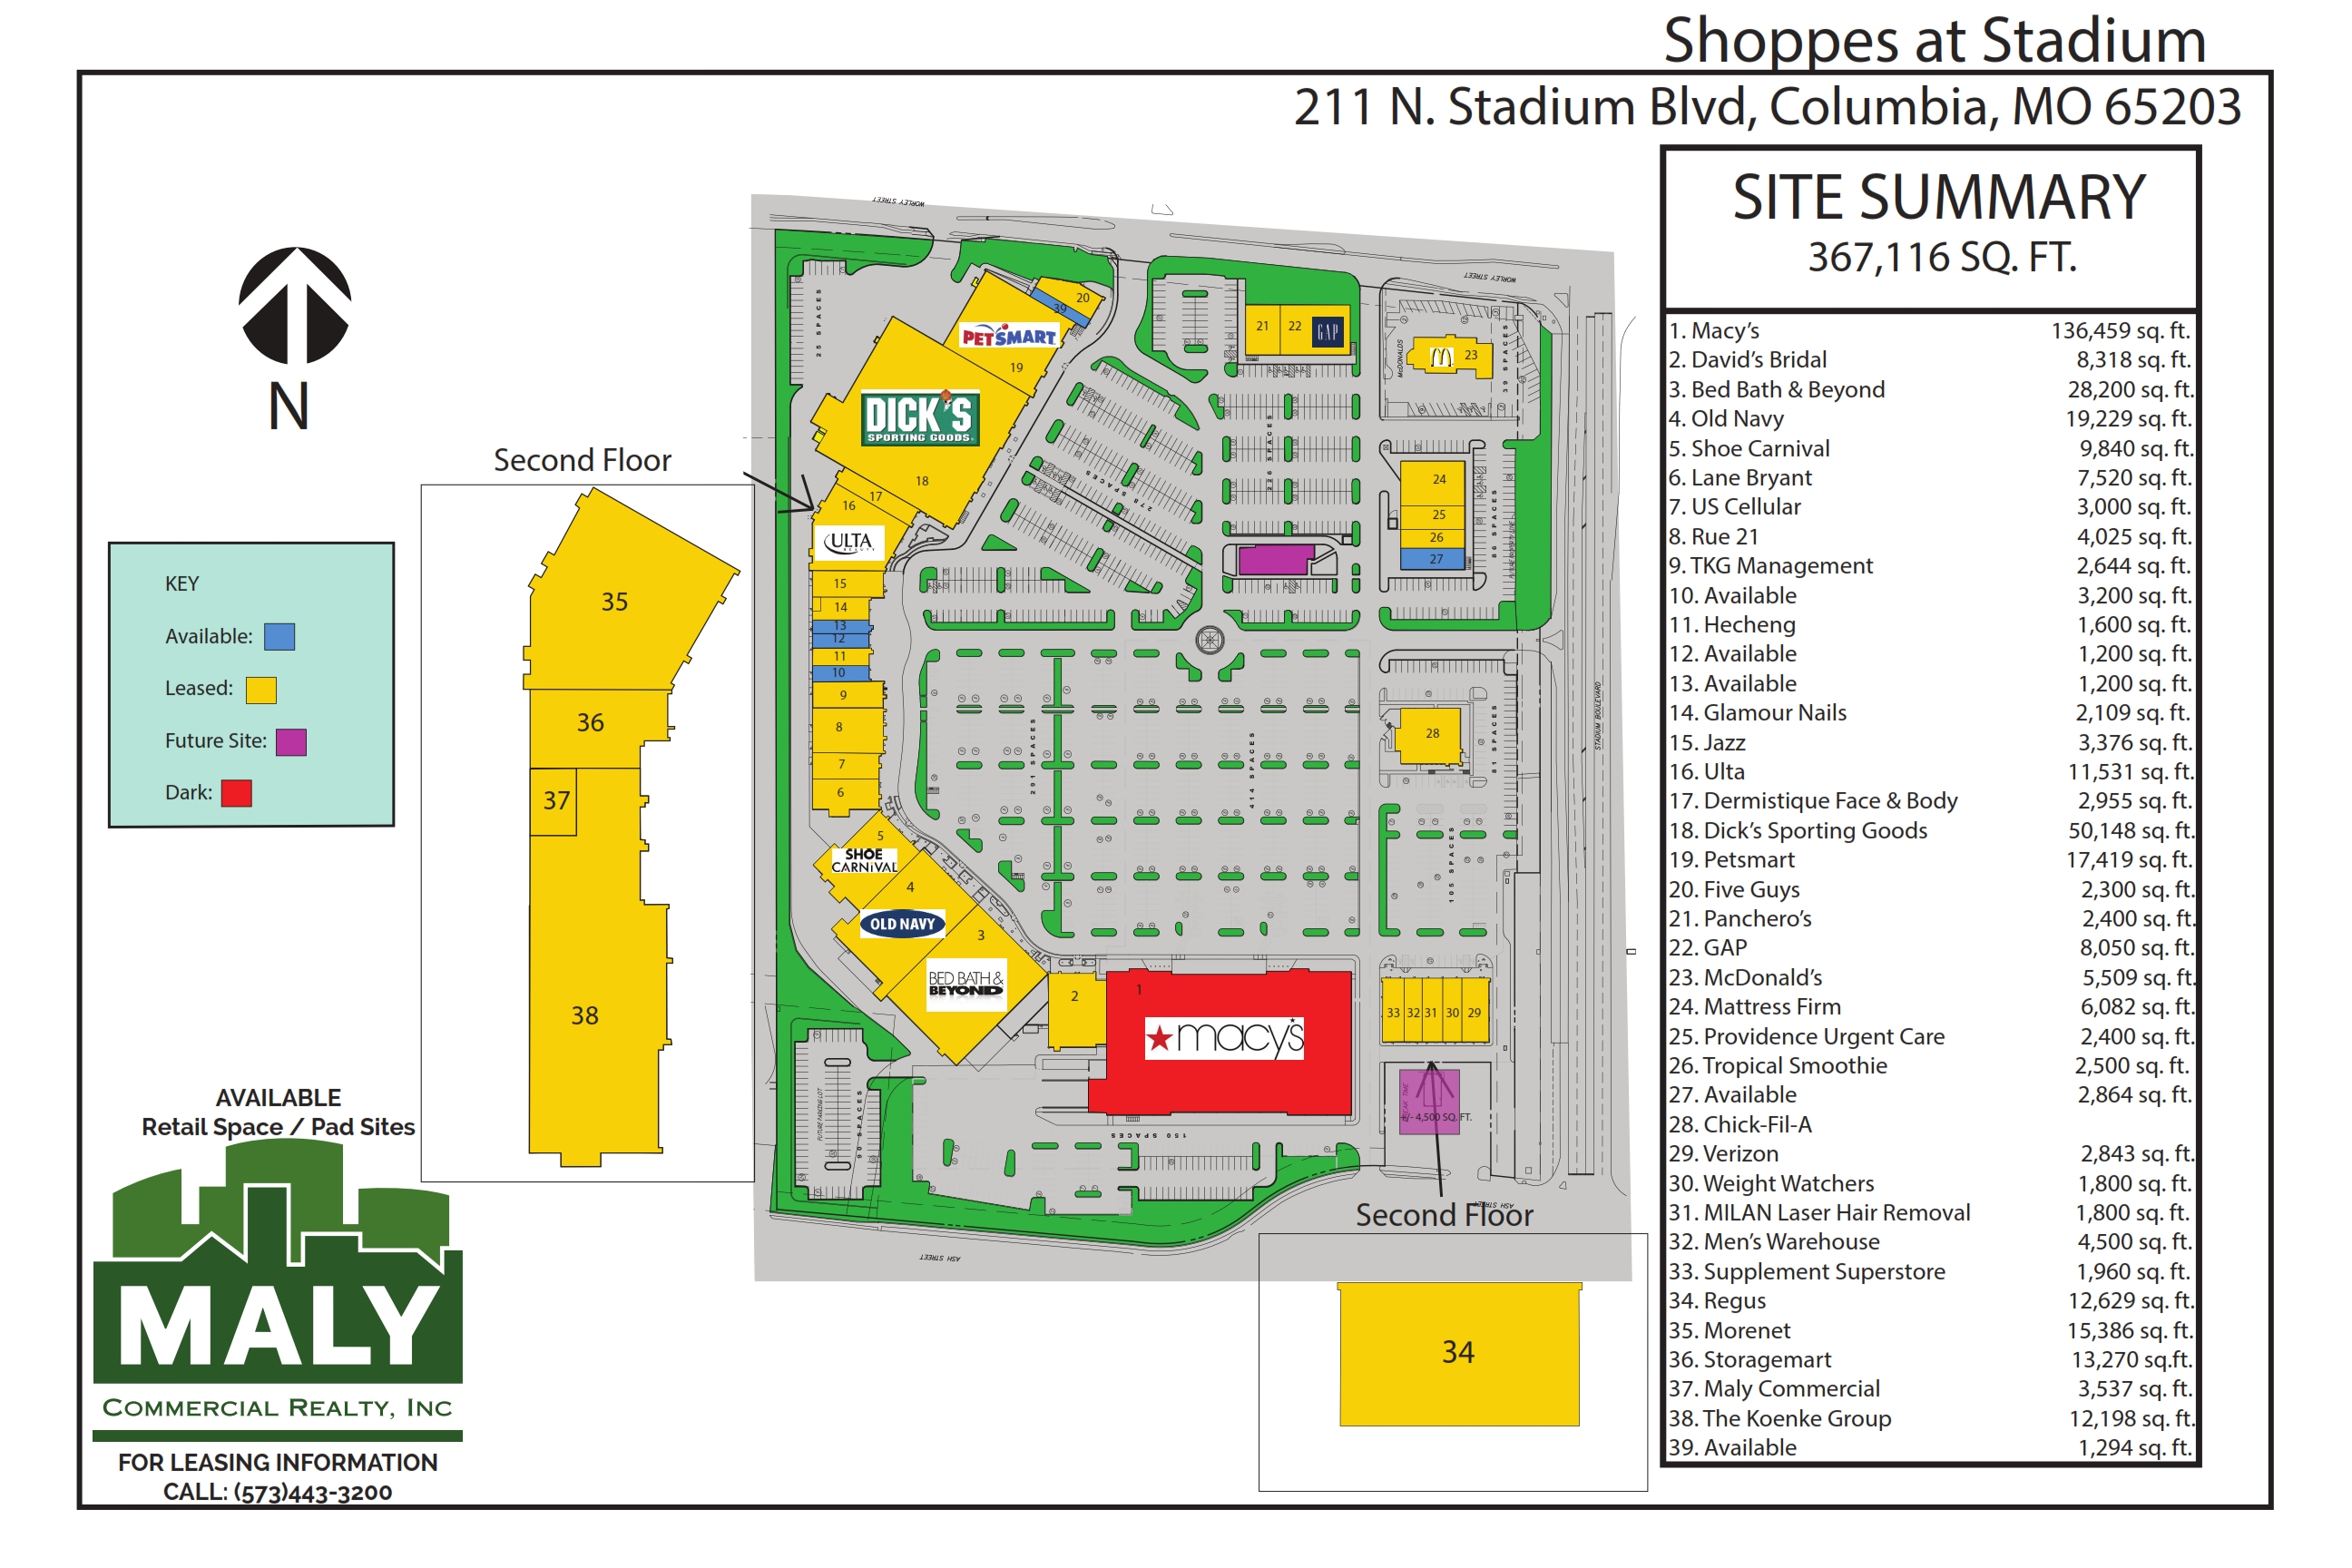 Shoppes at Stadium – Unit 12